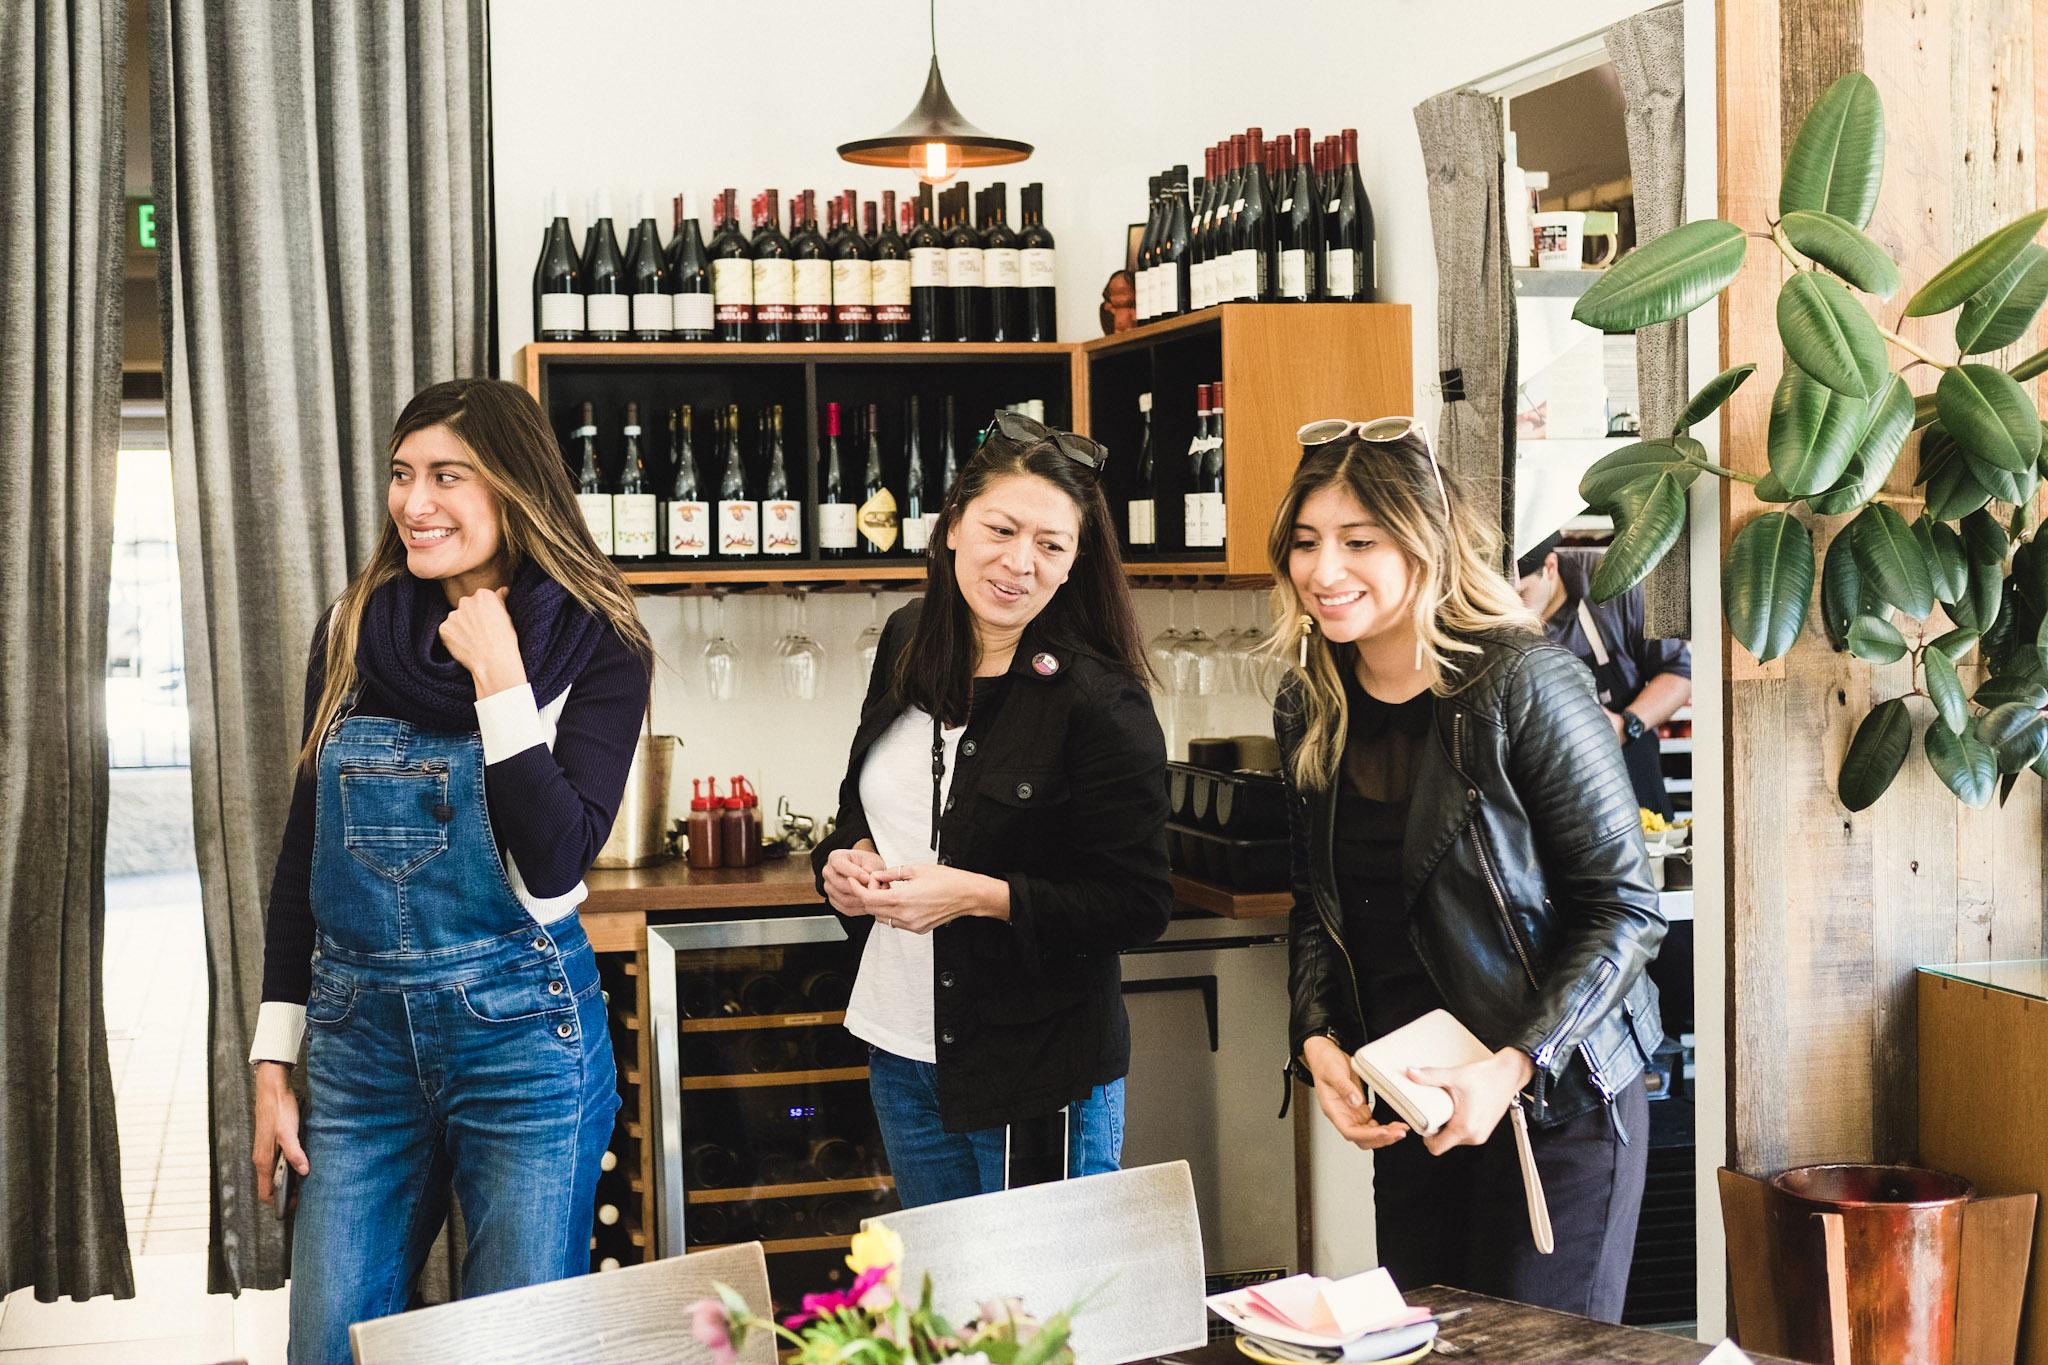 Bricia Lopez (Guelaguetza), Dina Samson (Rossoblu), and Elizabeth Lopez (Guelaguetza)